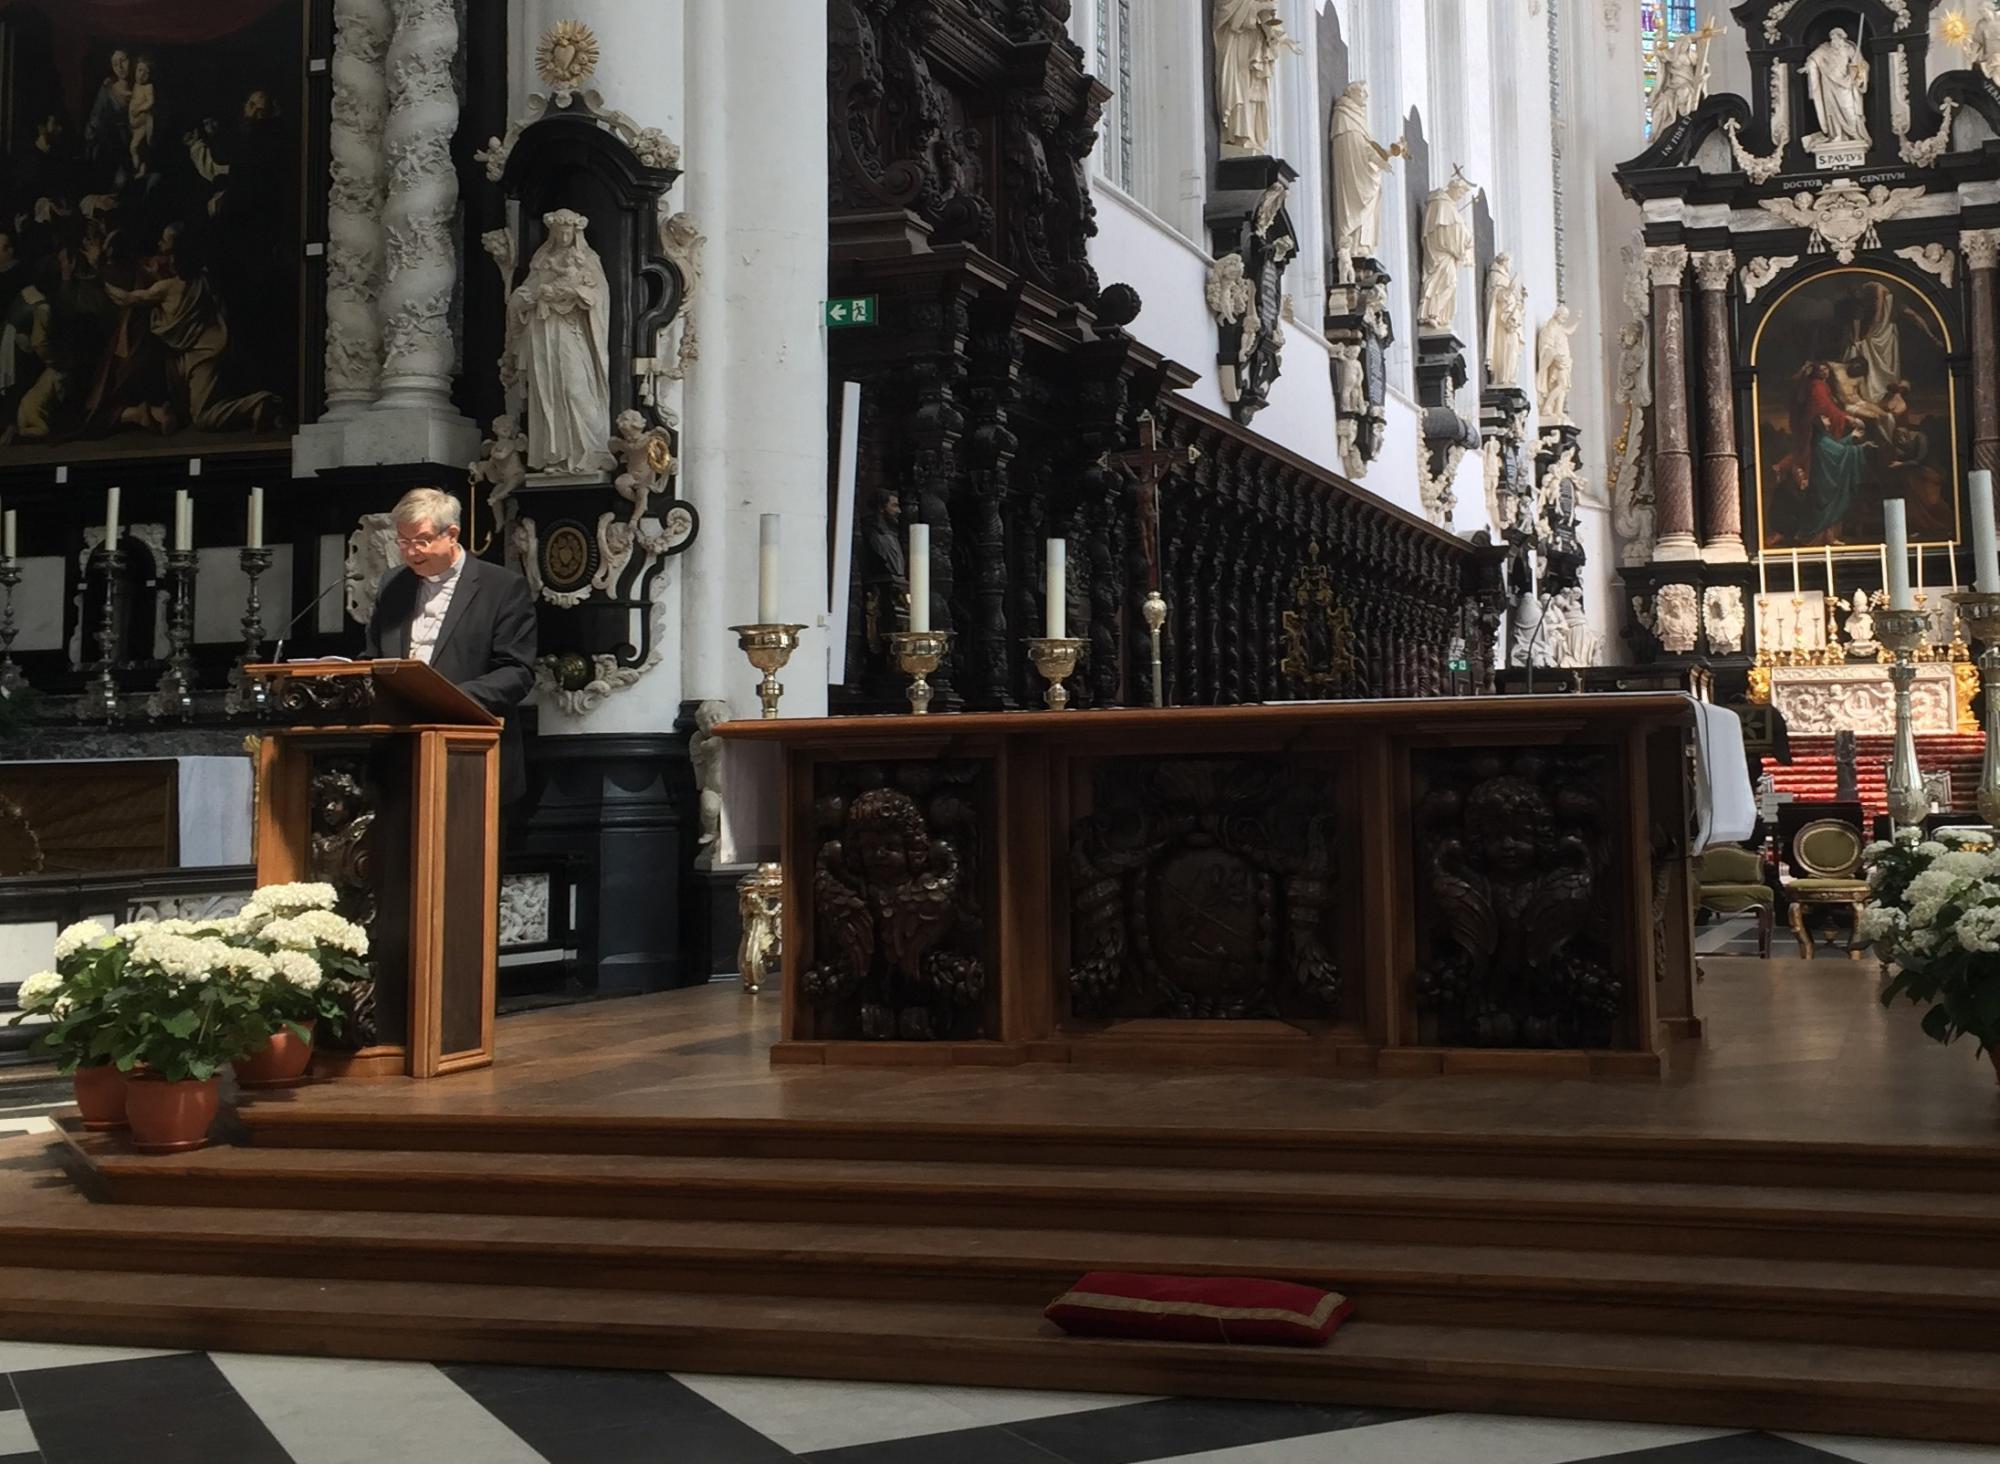 Na een afwezigheid van meer dan 170 jaar keren de dominicanen op vraag van de Antwerpse bisschop Johan Bonny terug naar de Sint-Pauluskerk © Olivier Lins